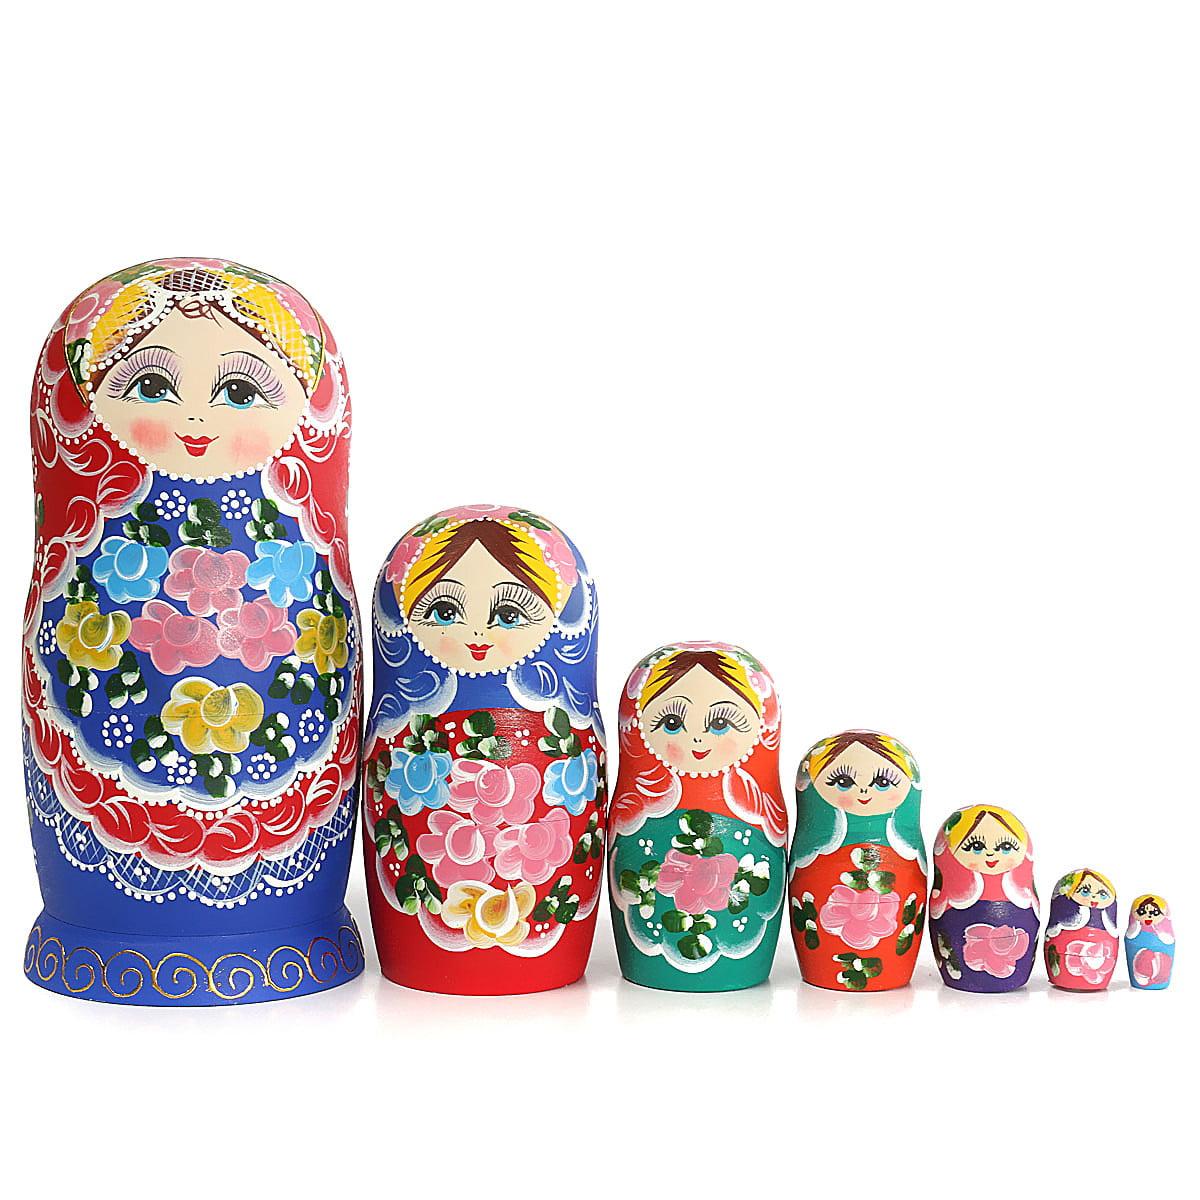 DIY Russian Nesting Dolls Matryoshka Babushka Dolls Toy ...